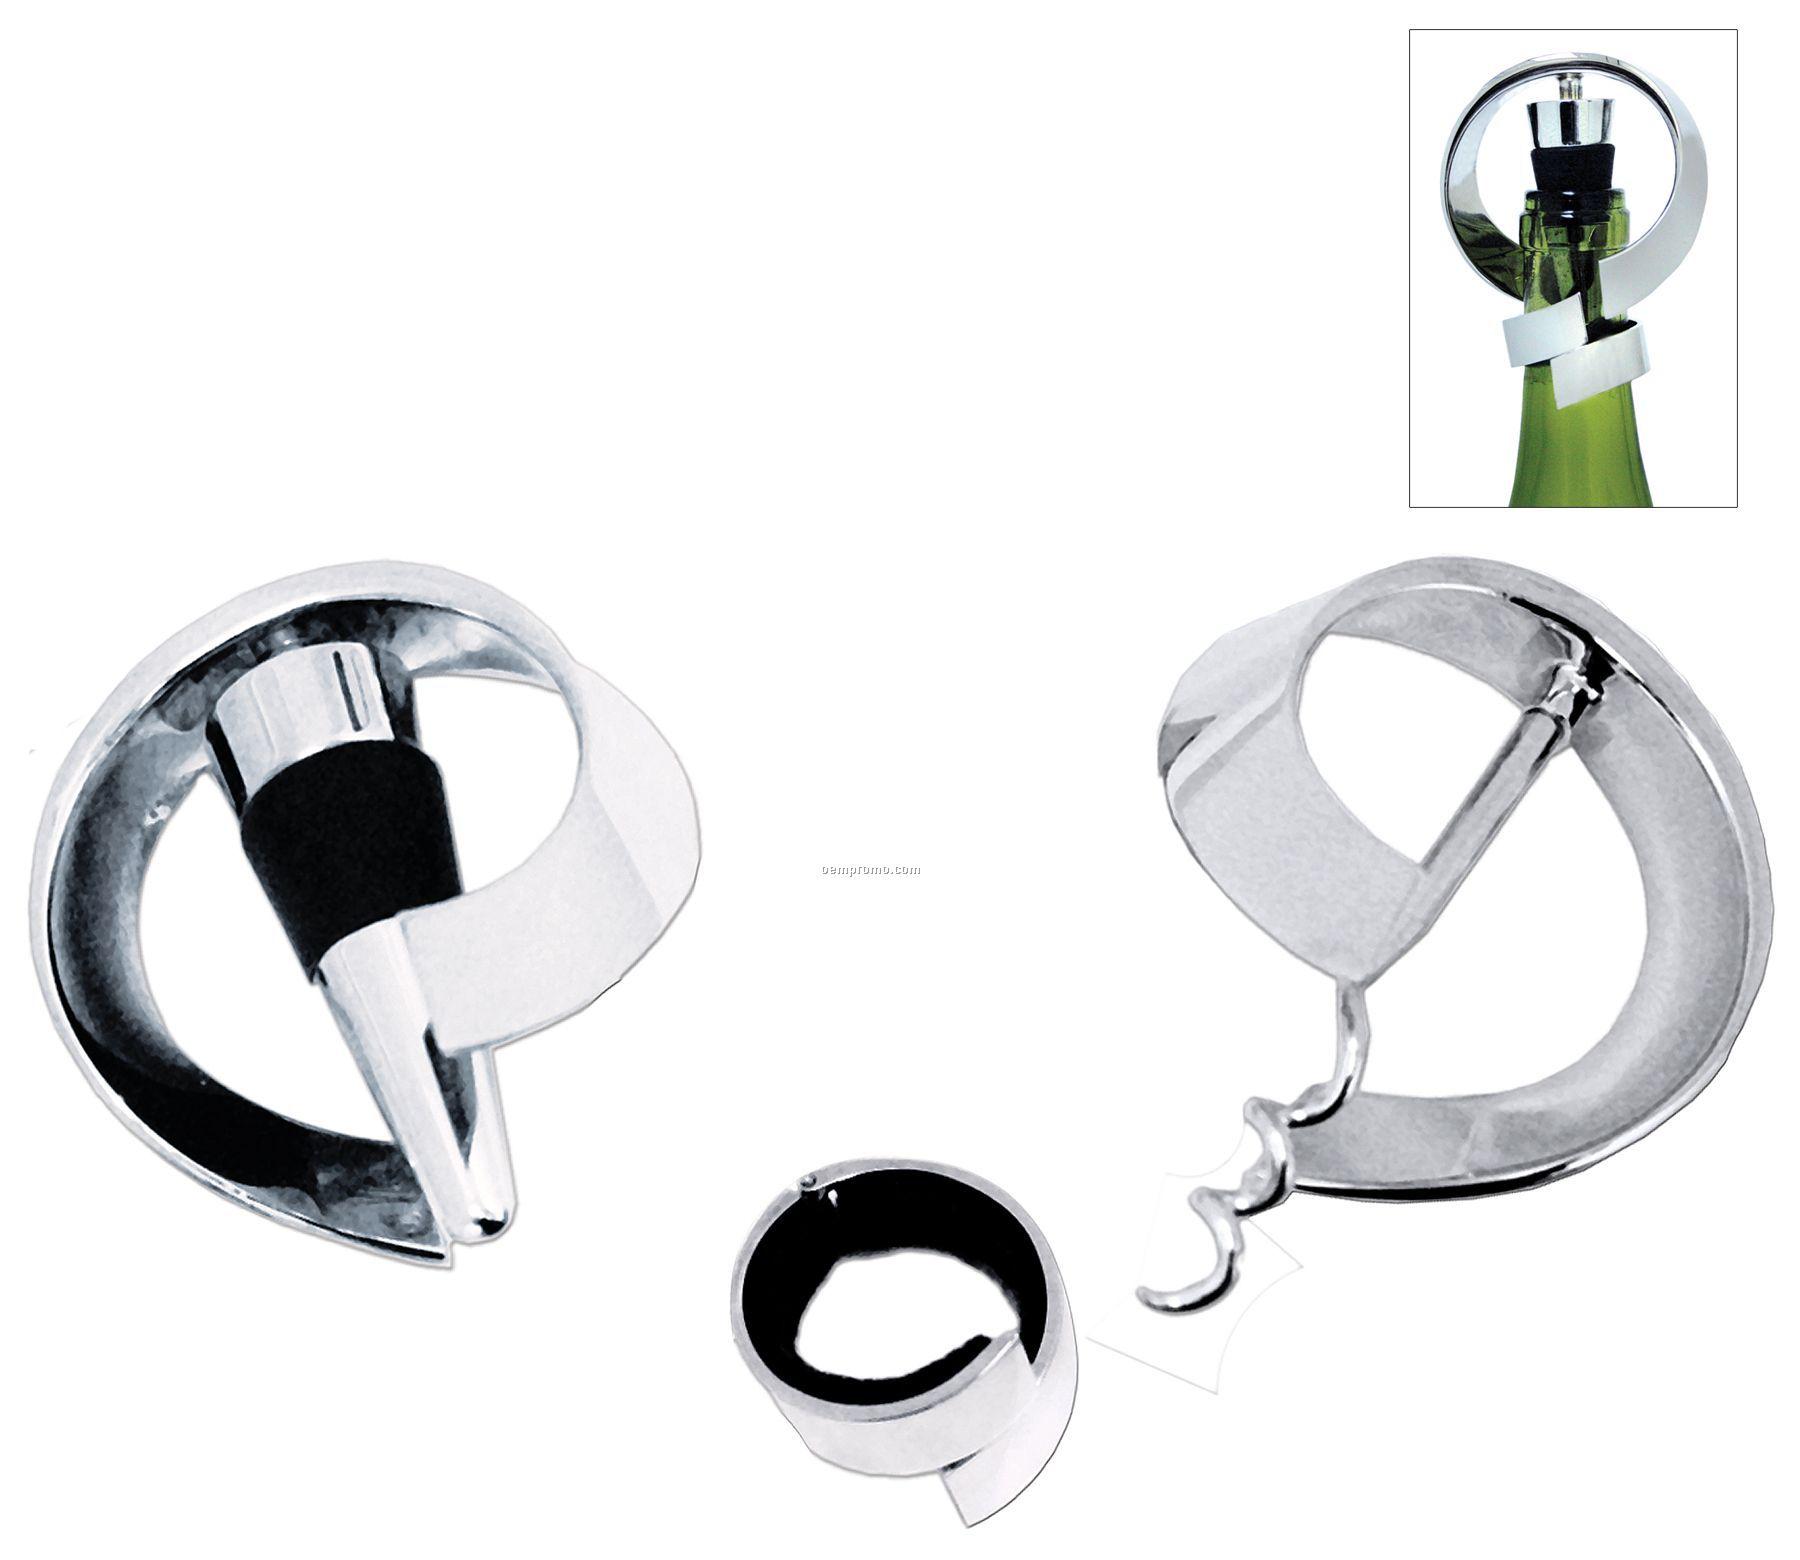 Moebius 3-piece Wine Set W/ Bottle Opener/Stopper/Corkscrew